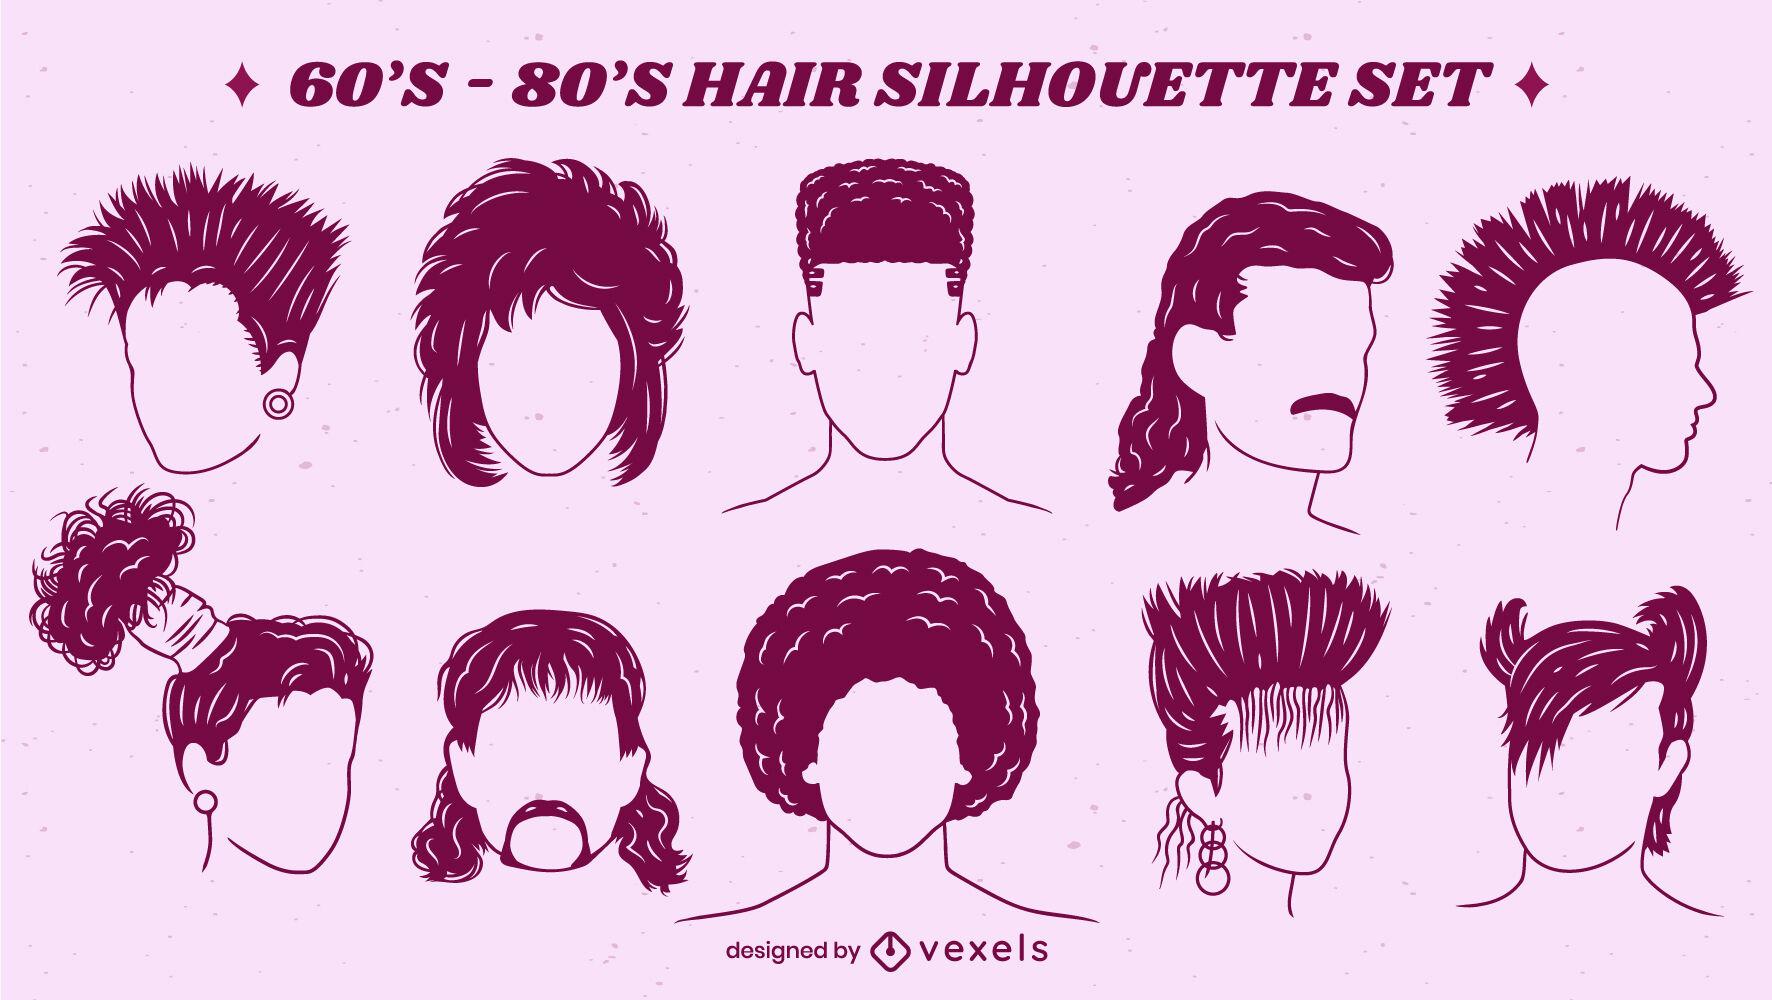 Retro 70s 80s conjunto de peinados recortados